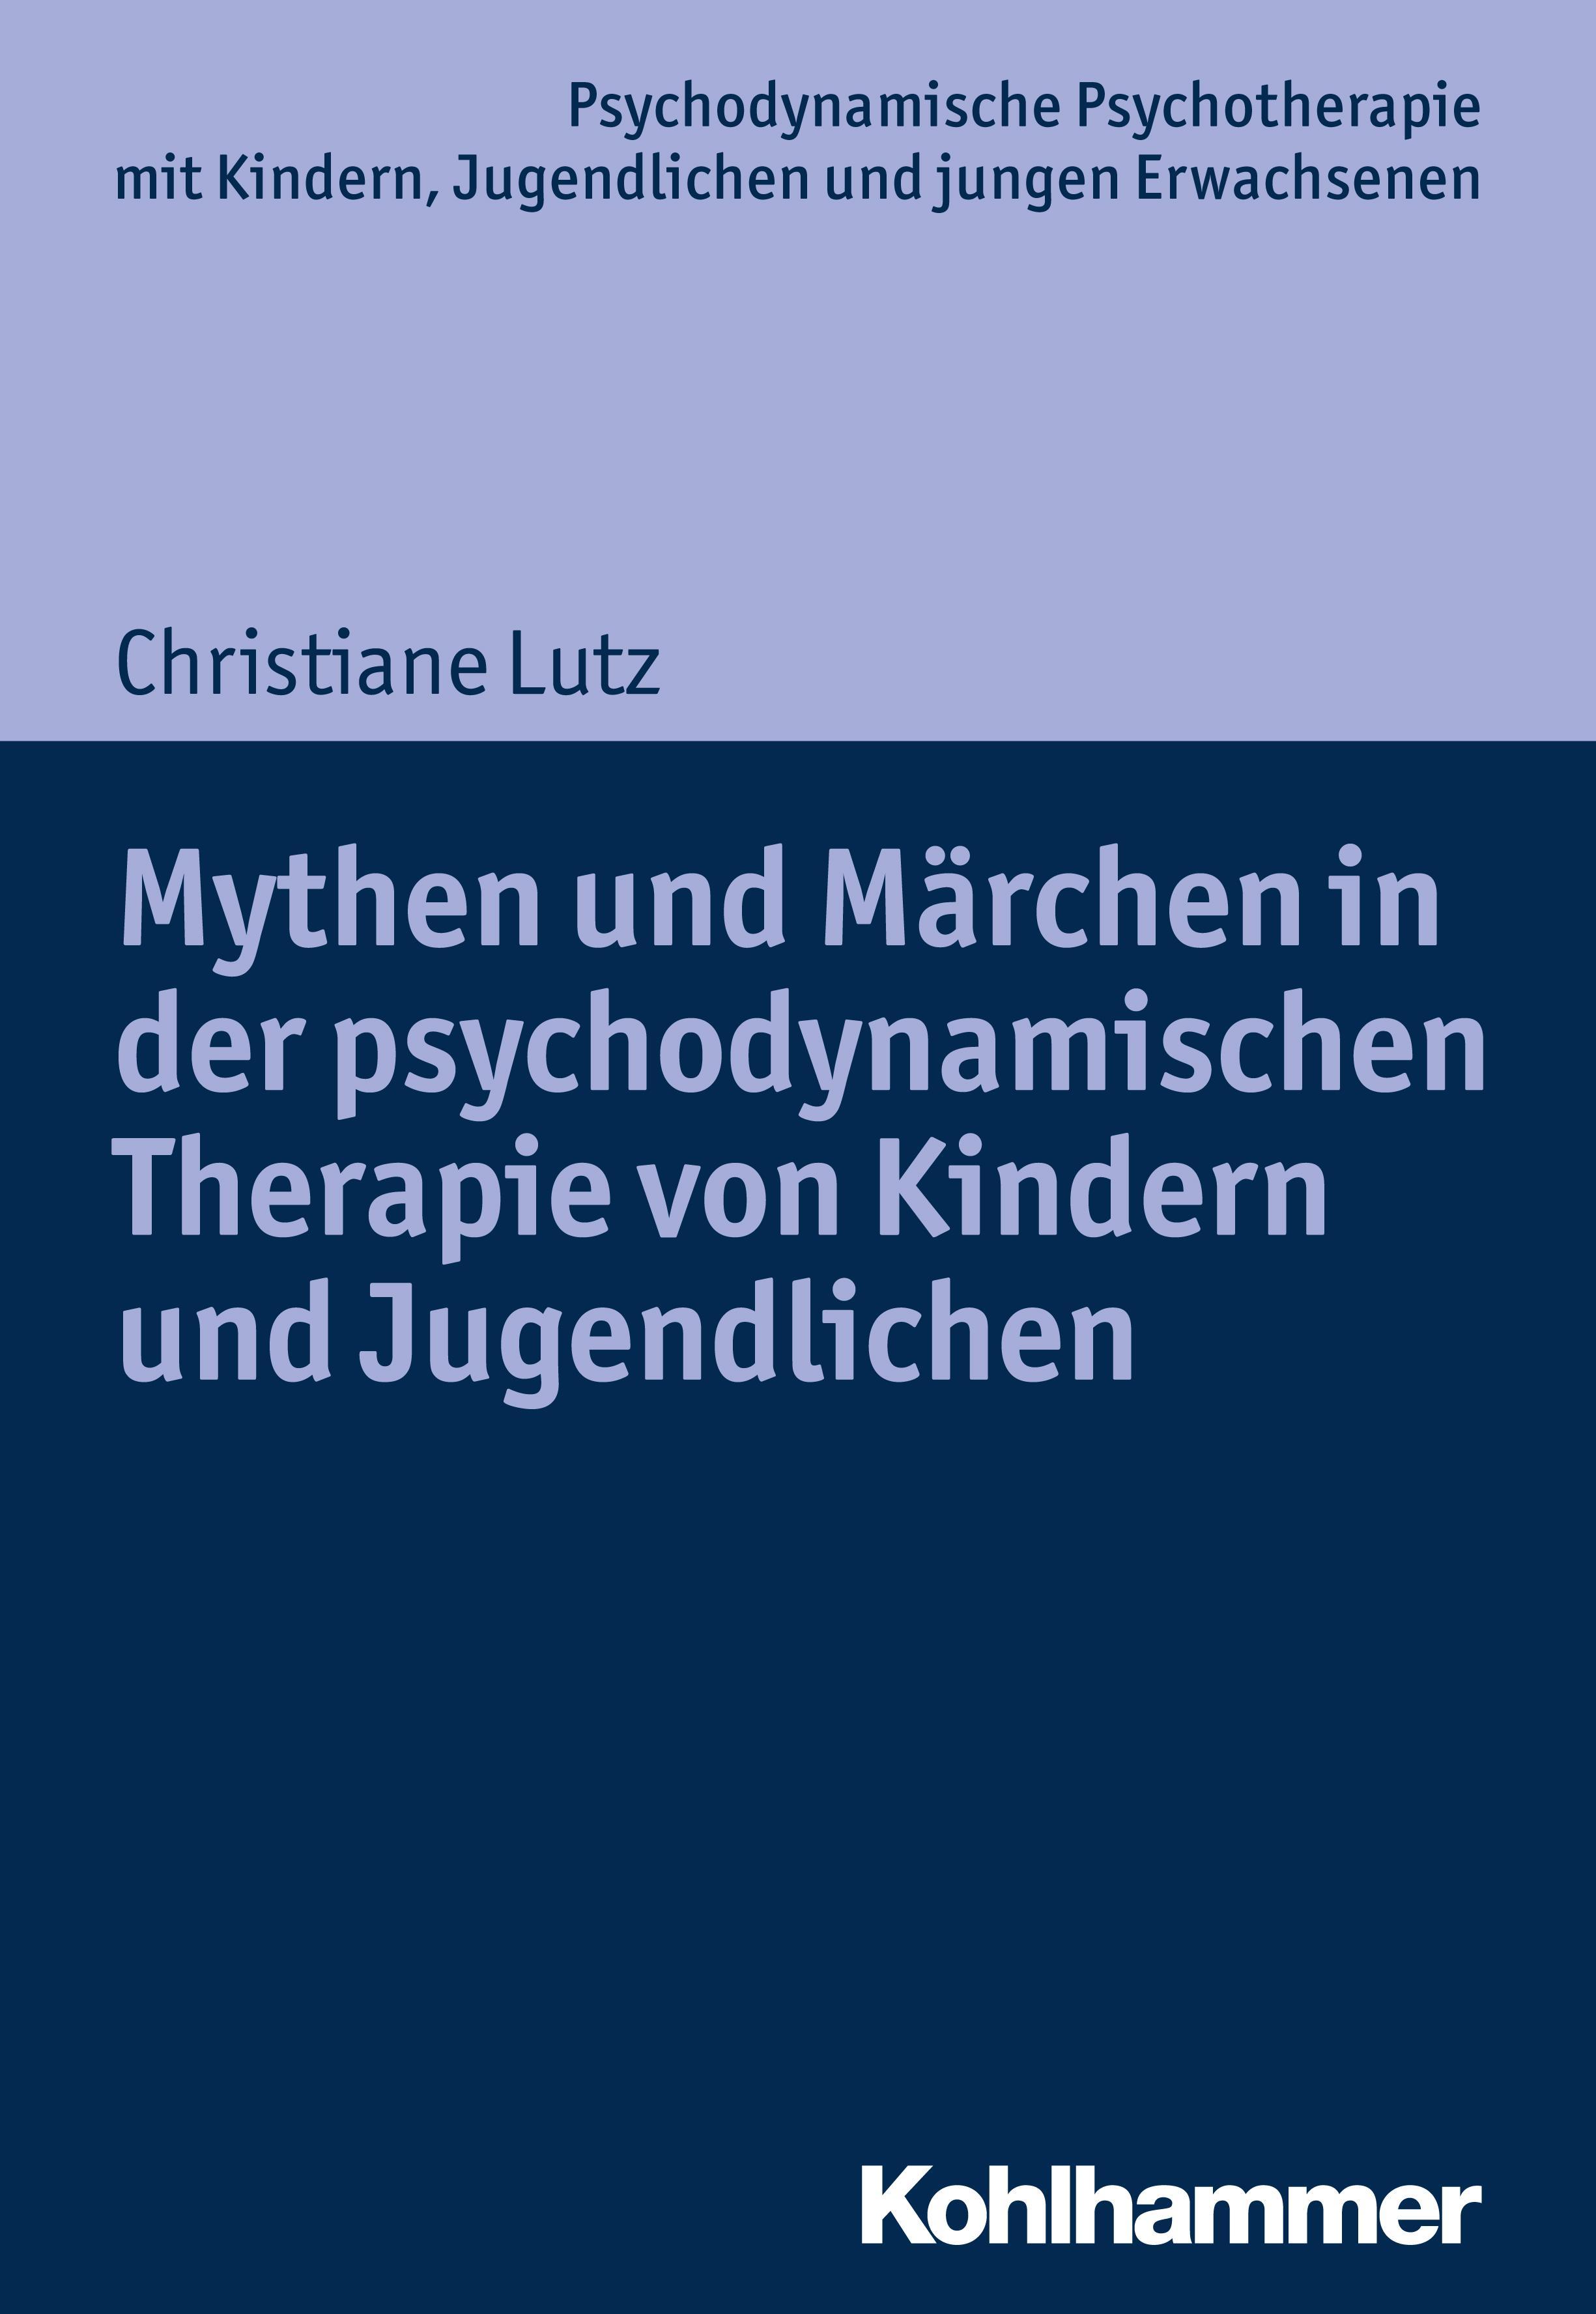 Mythen und Märchen in der psychodynamischen Therapie von Kin ... 9783170301573